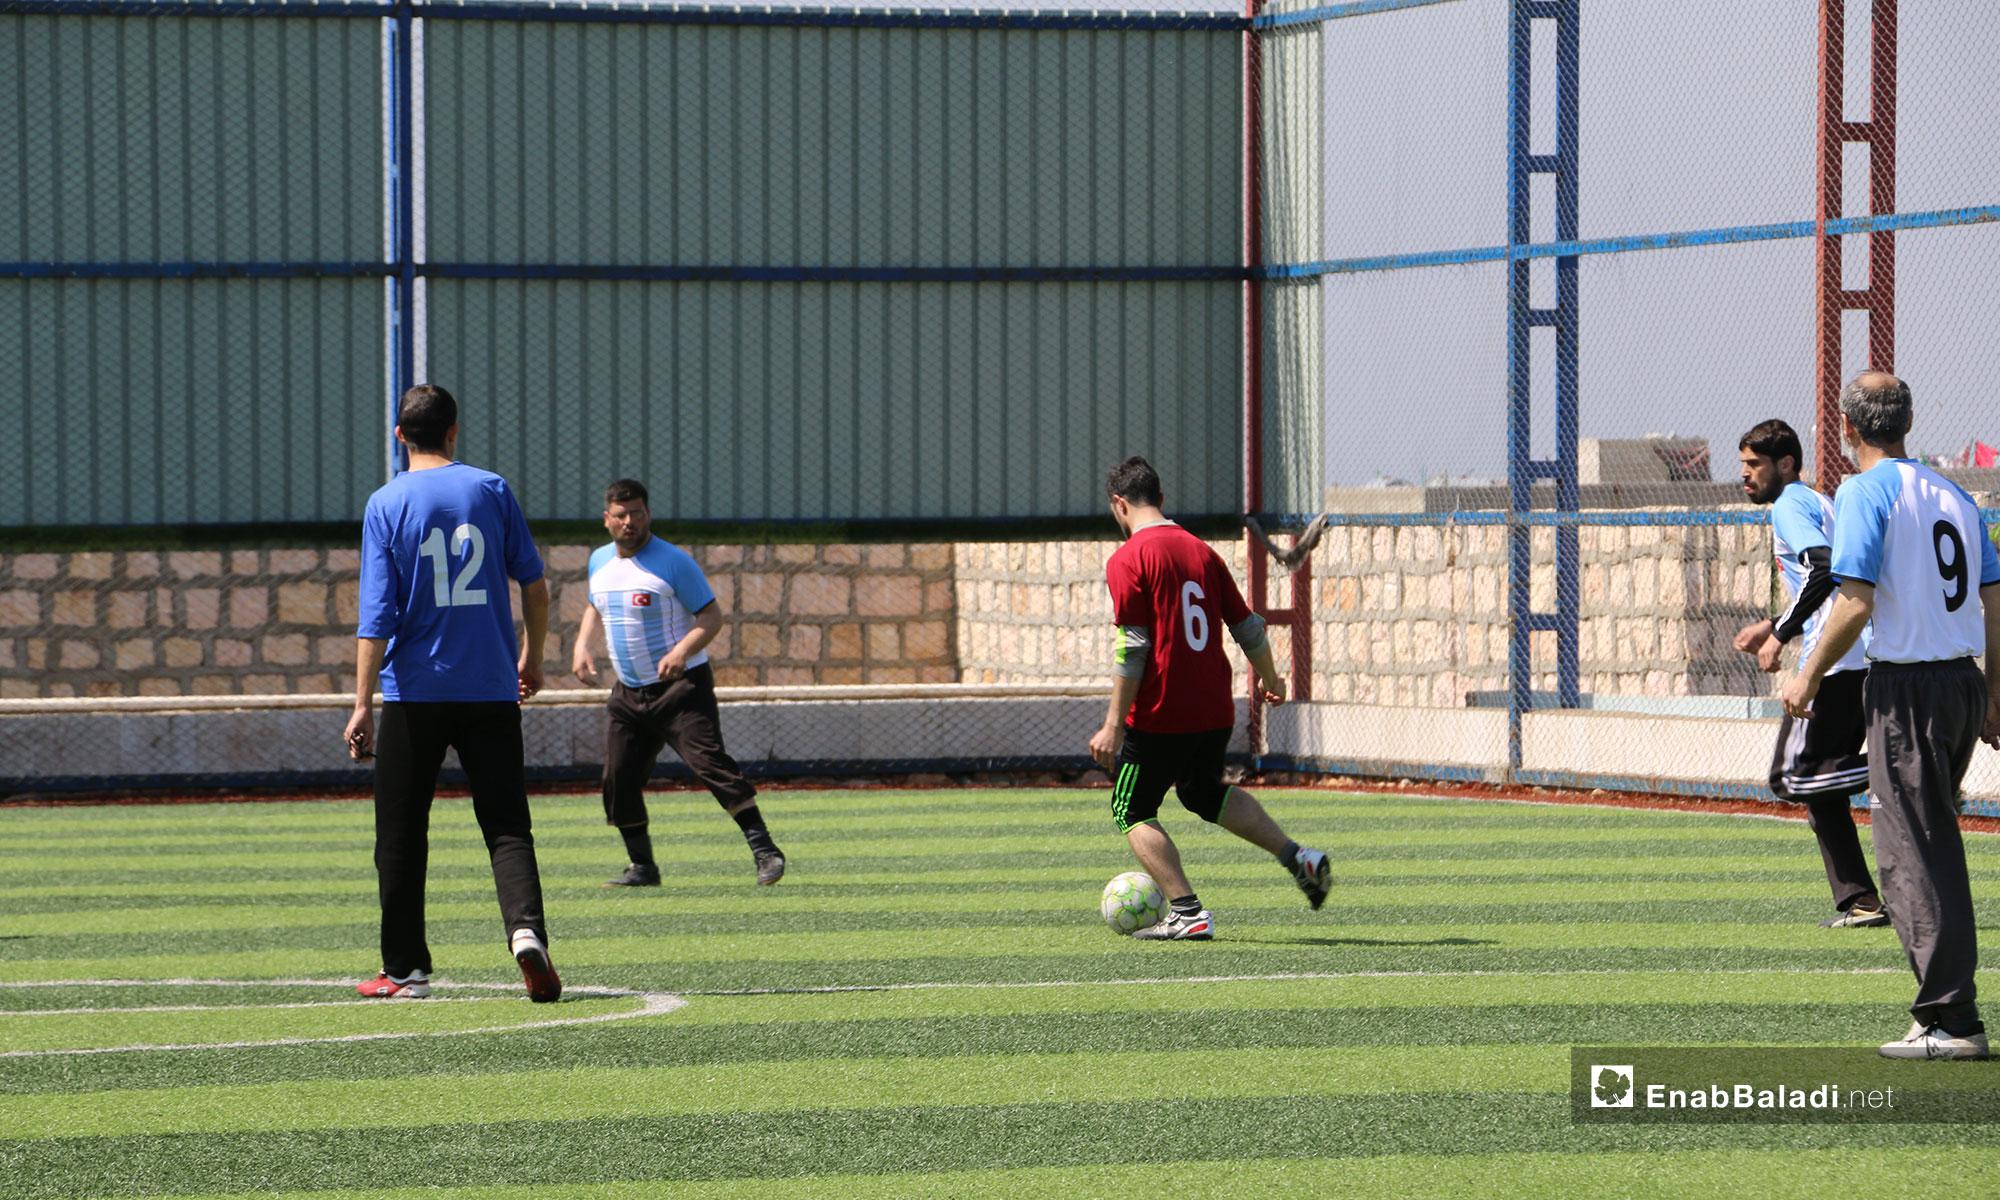 مباراة في بطولة دوري المعلمين لمديريات التربية بريف حلب الشمالي - 21 من آذار 2019 (عنب بلدي)